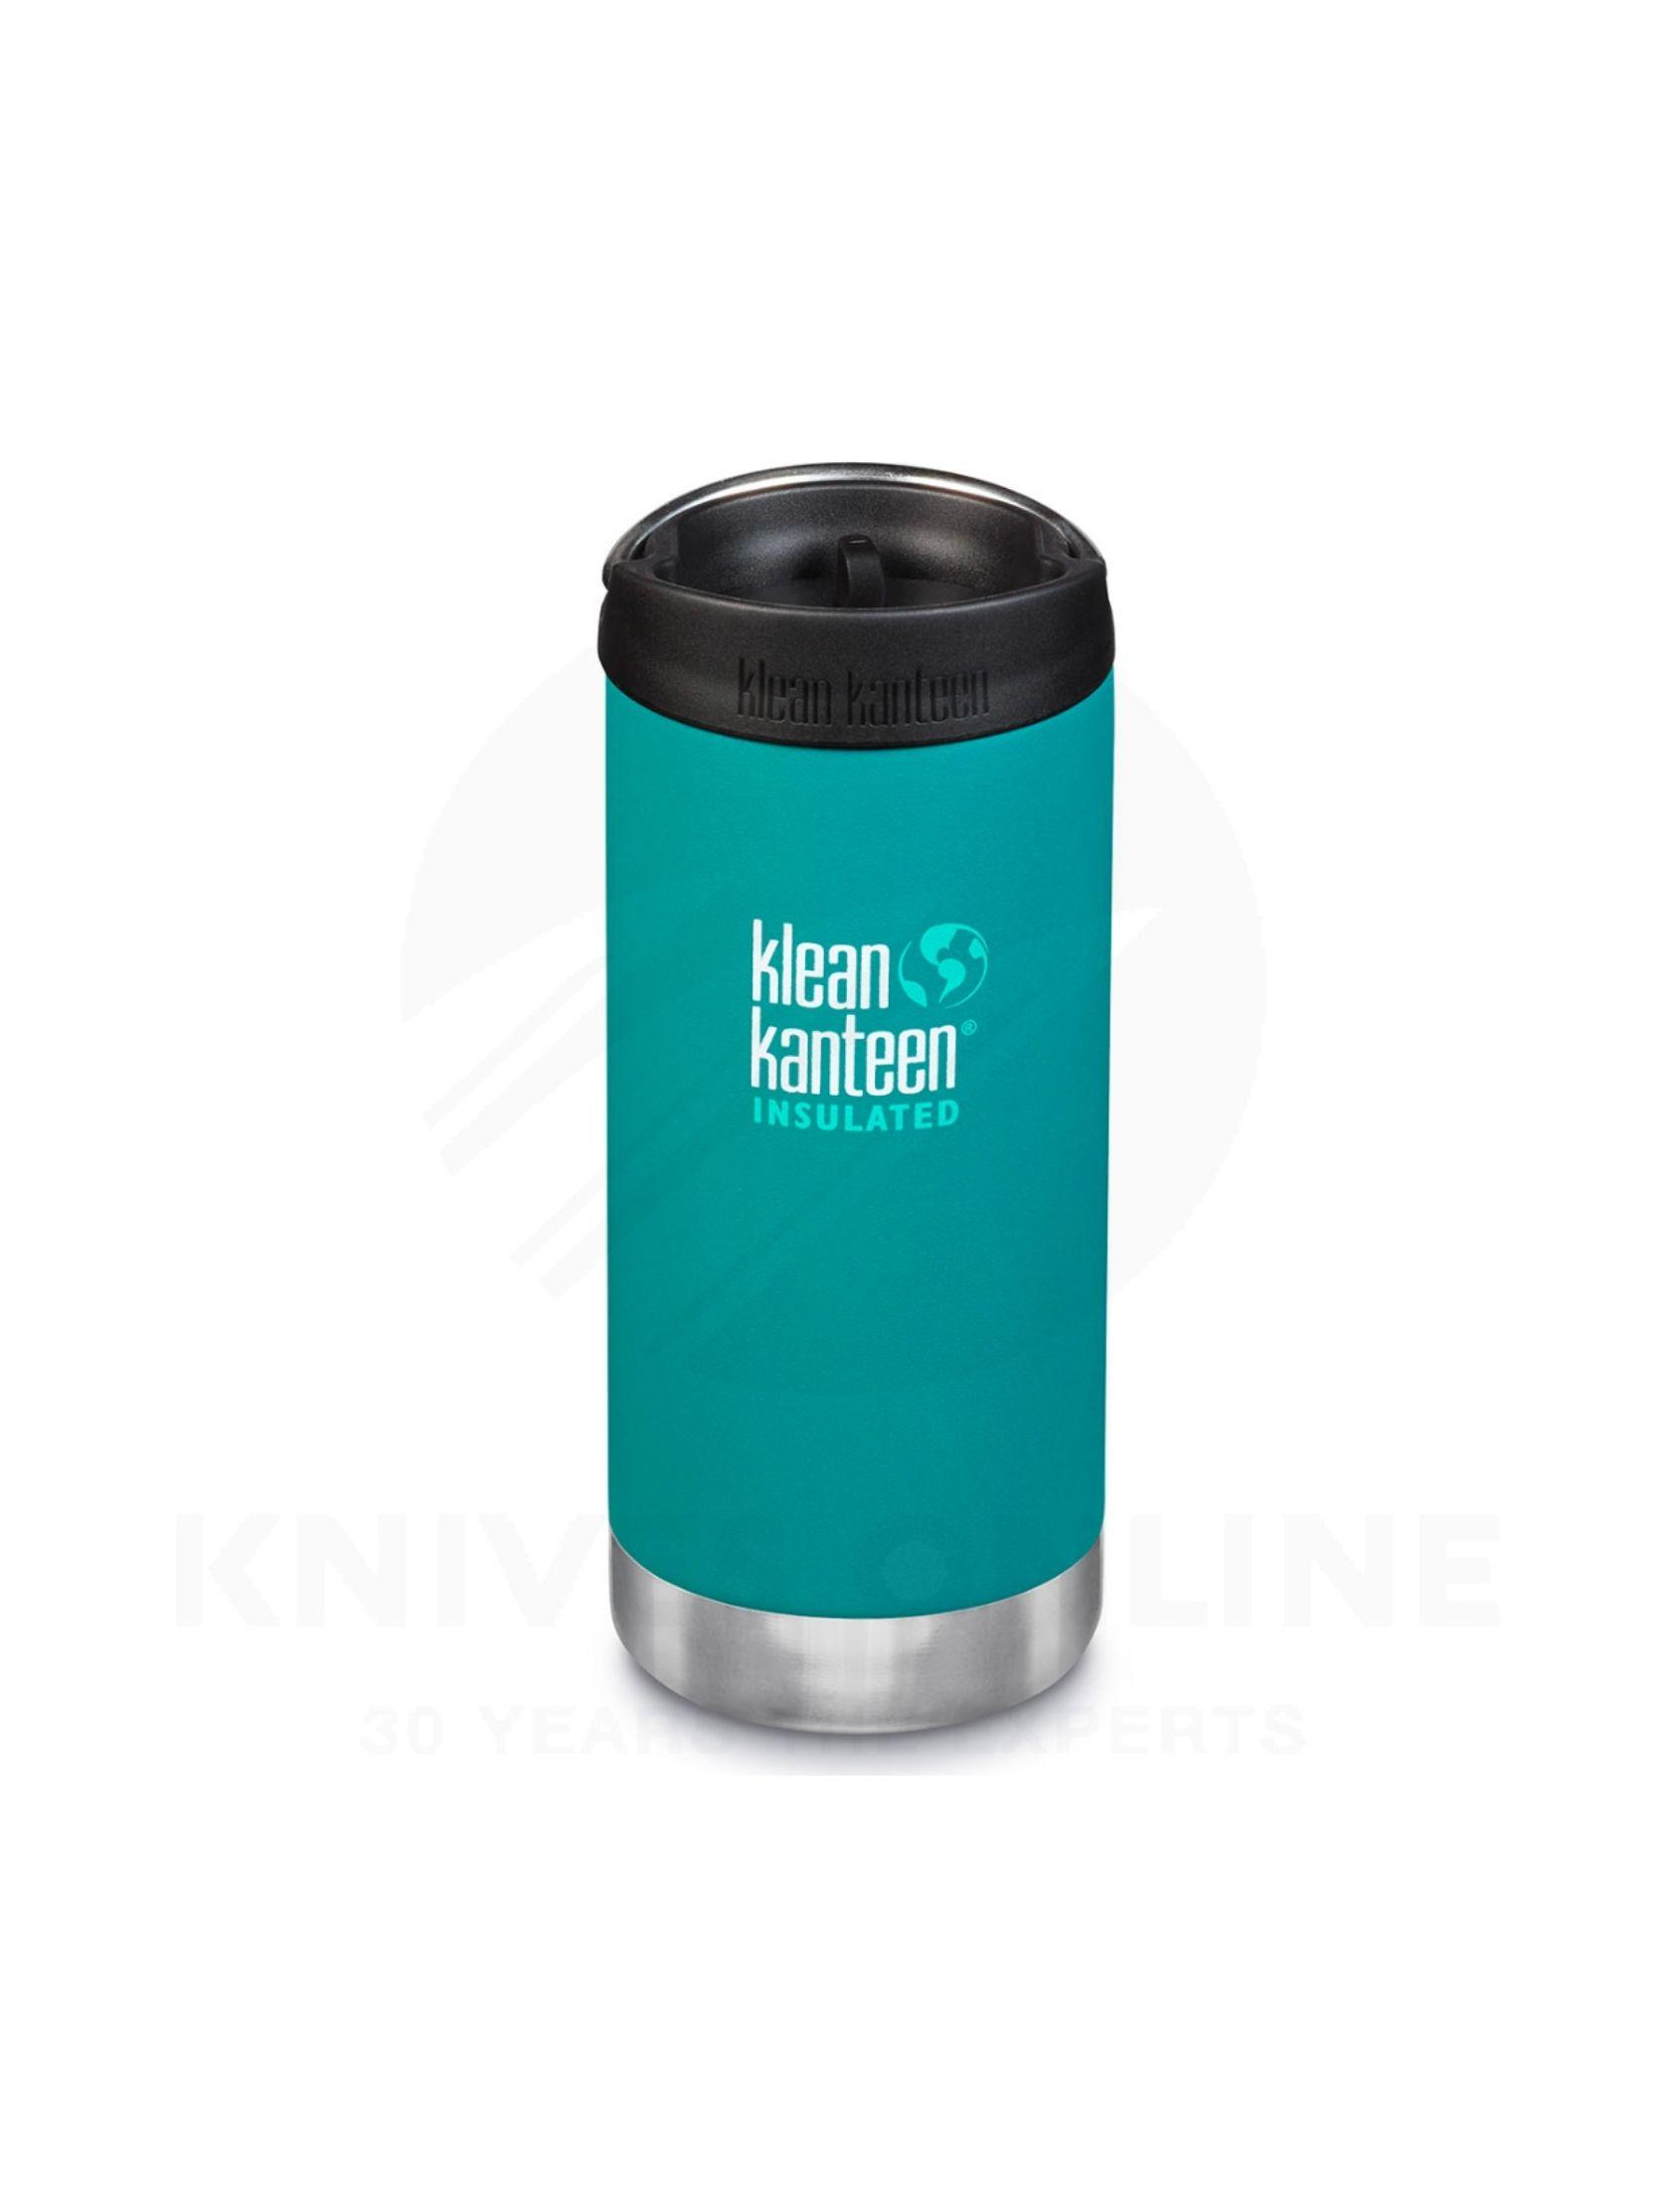 termo cafe 355 ml en color verde de la marca klean kanteen